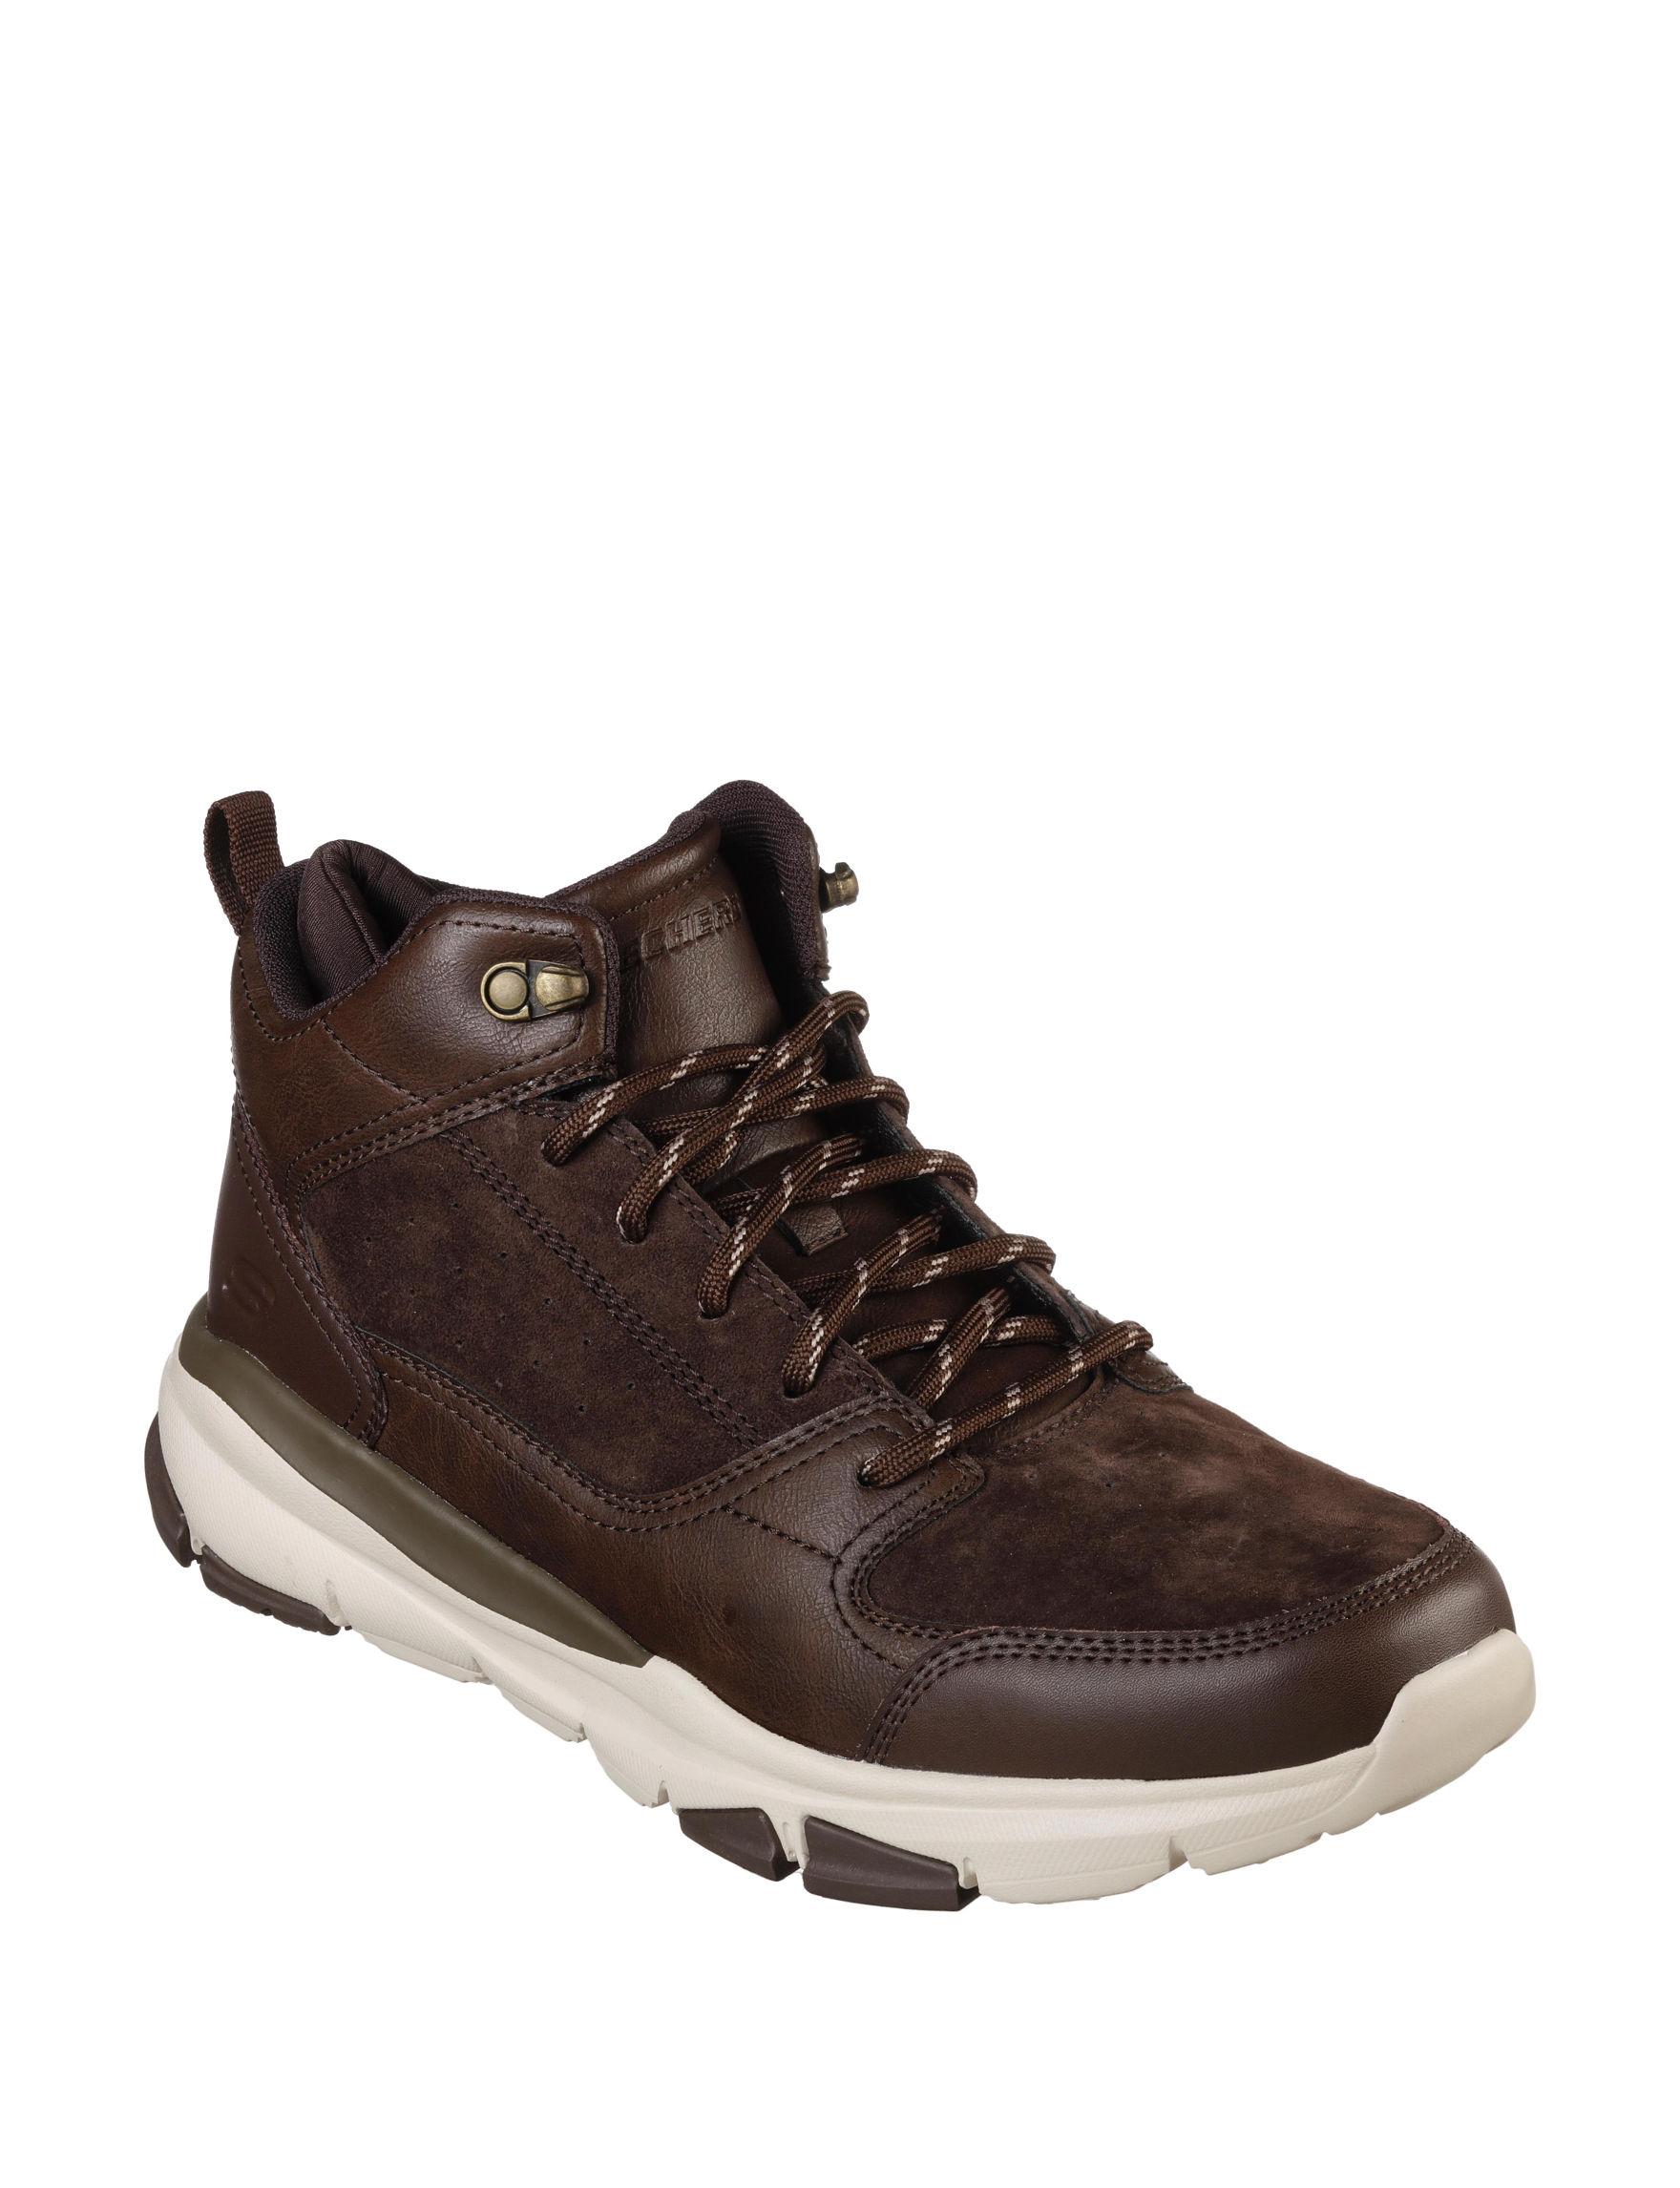 Skechers Dark Brown